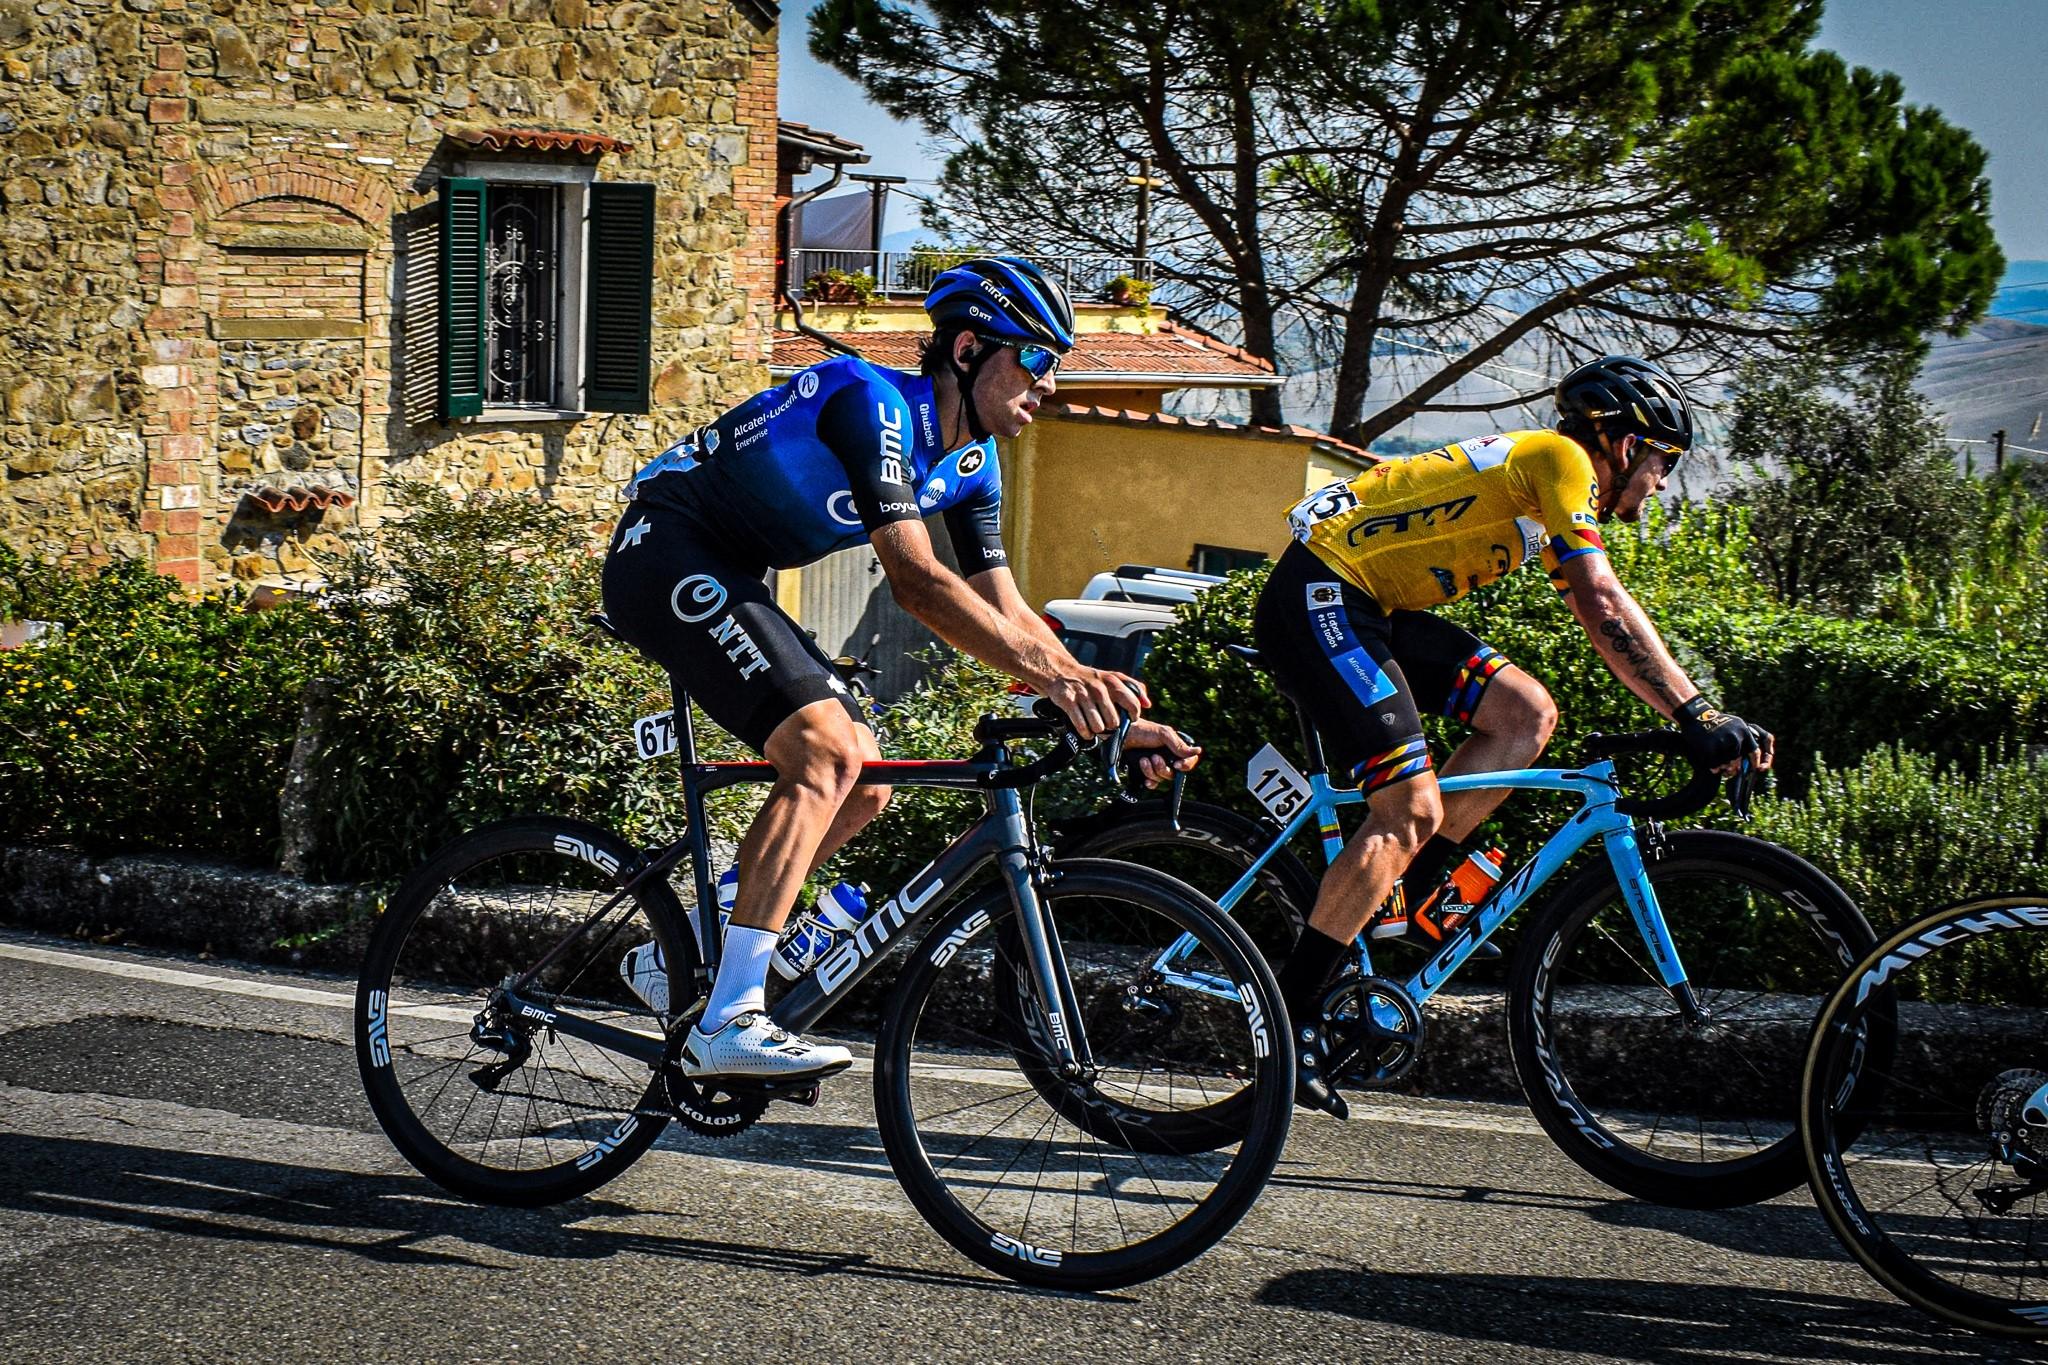 NTT Pro Cycling